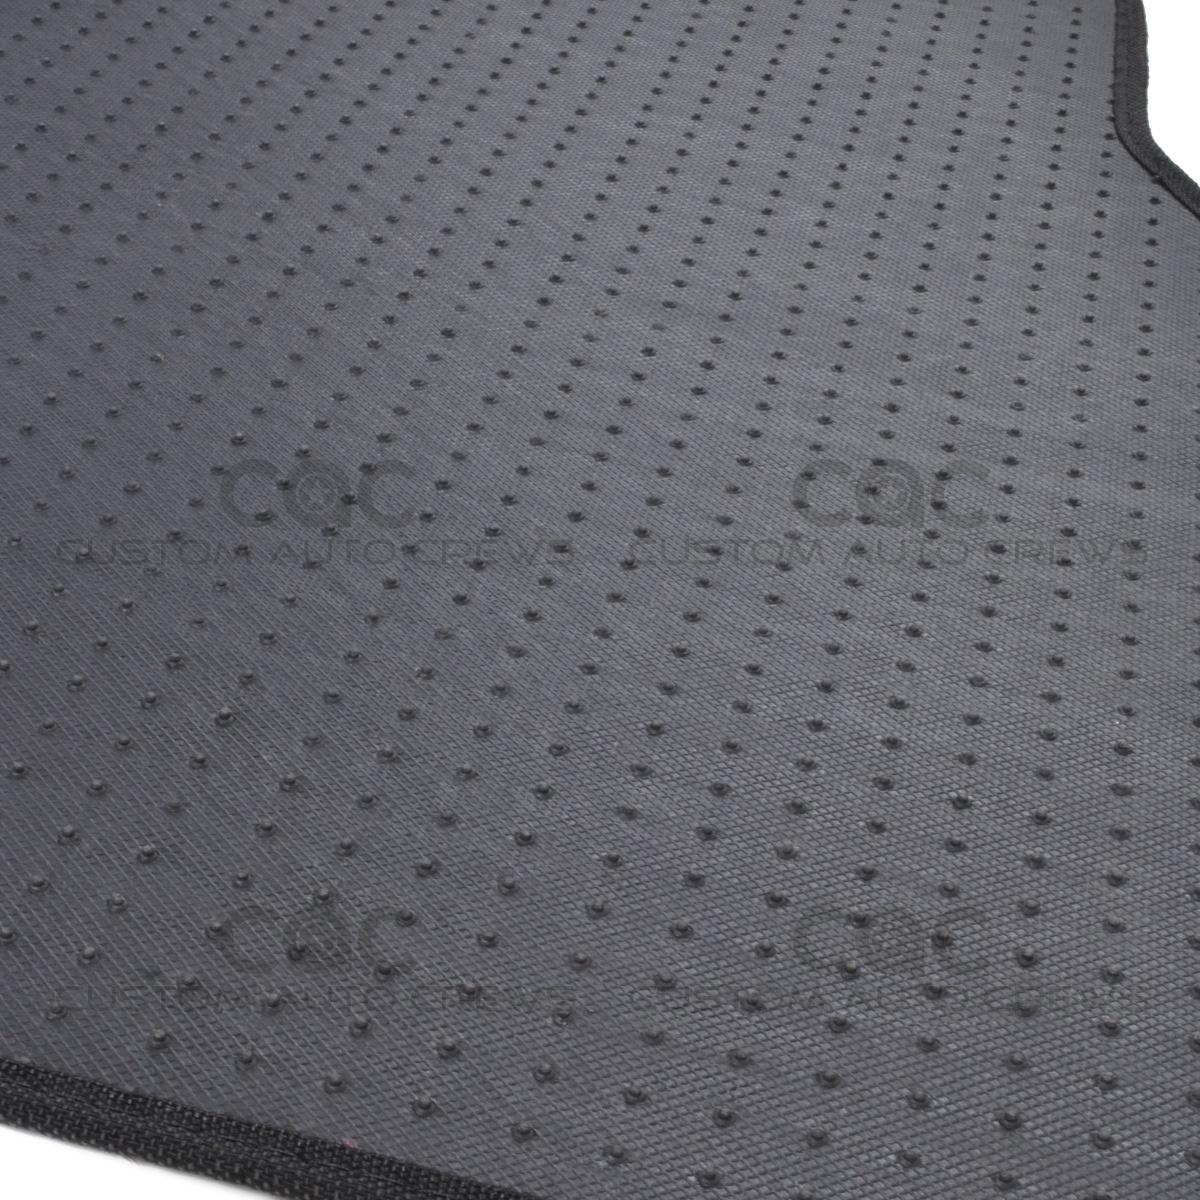 chevron car floor mats. Unique Mats Chevron Car Floor Mats Blackredcarpetfloormatschevron Inside Chevron Car Floor Mats T